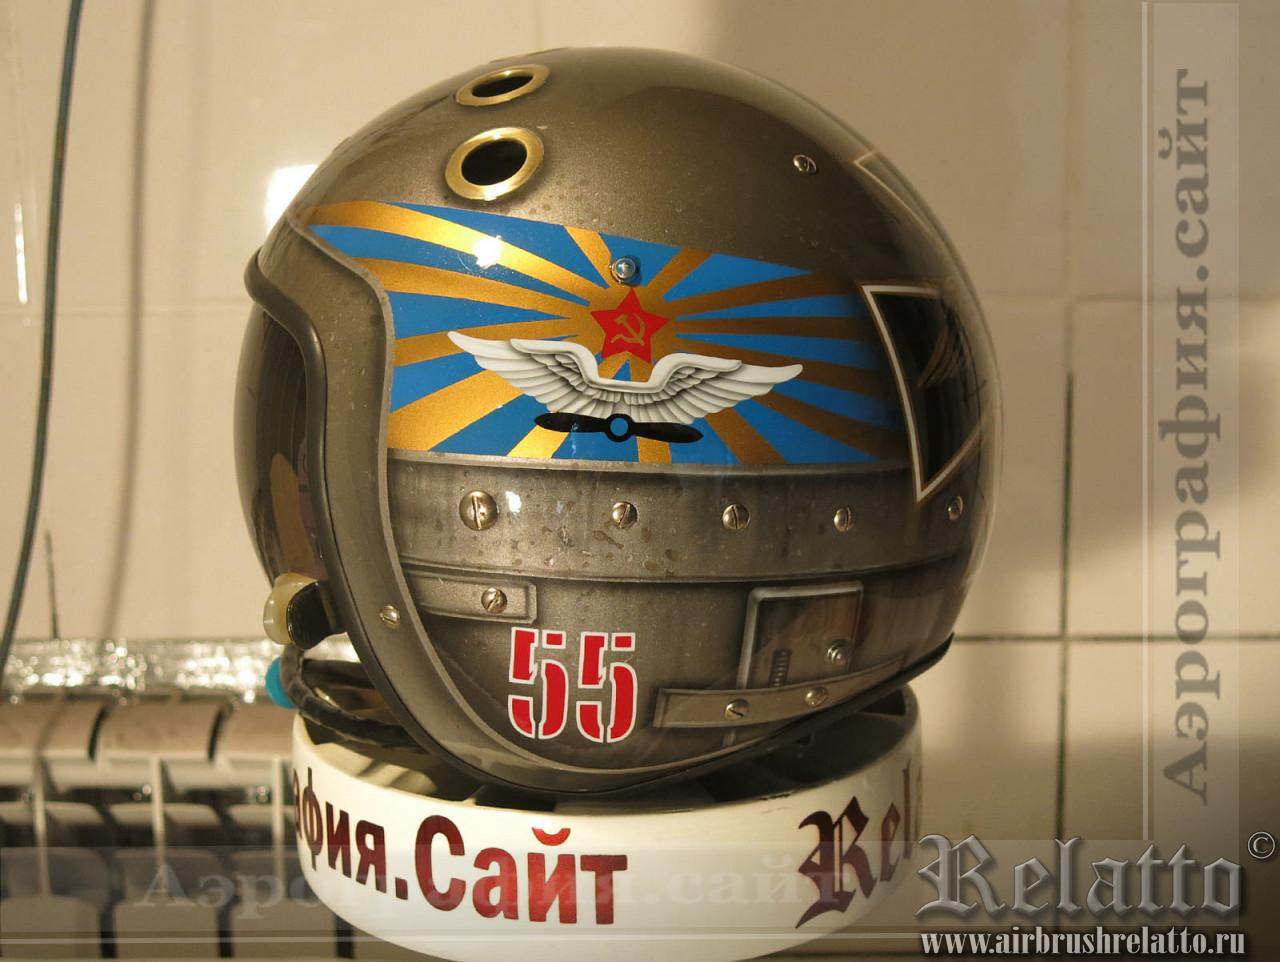 аэрография шлем в Белгороде